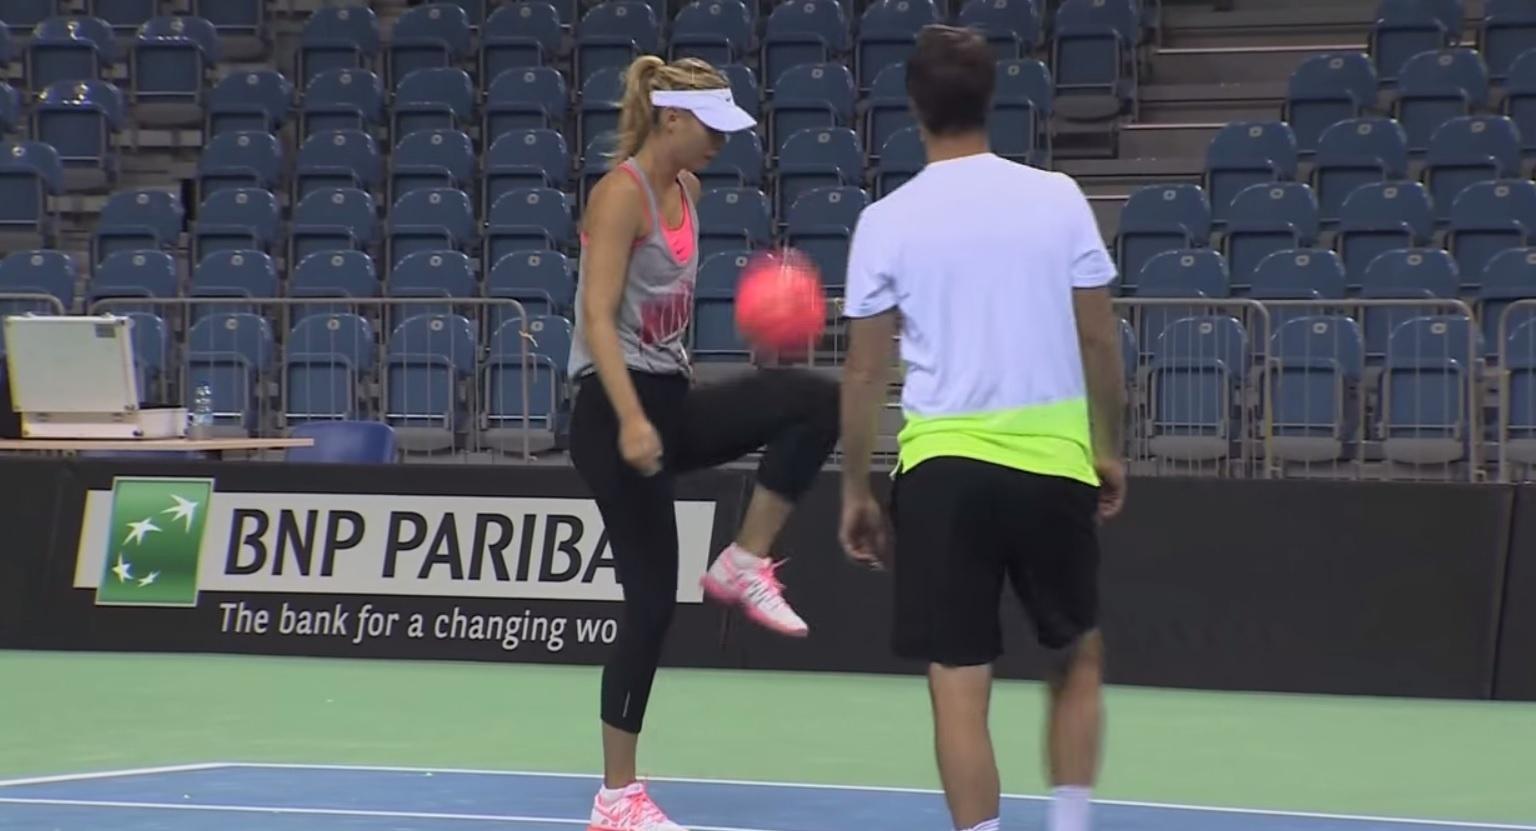 Maria Sharapova fazendo embaixadinhas antes do confronto Polônia x Rússia pela Fed Cup 2015